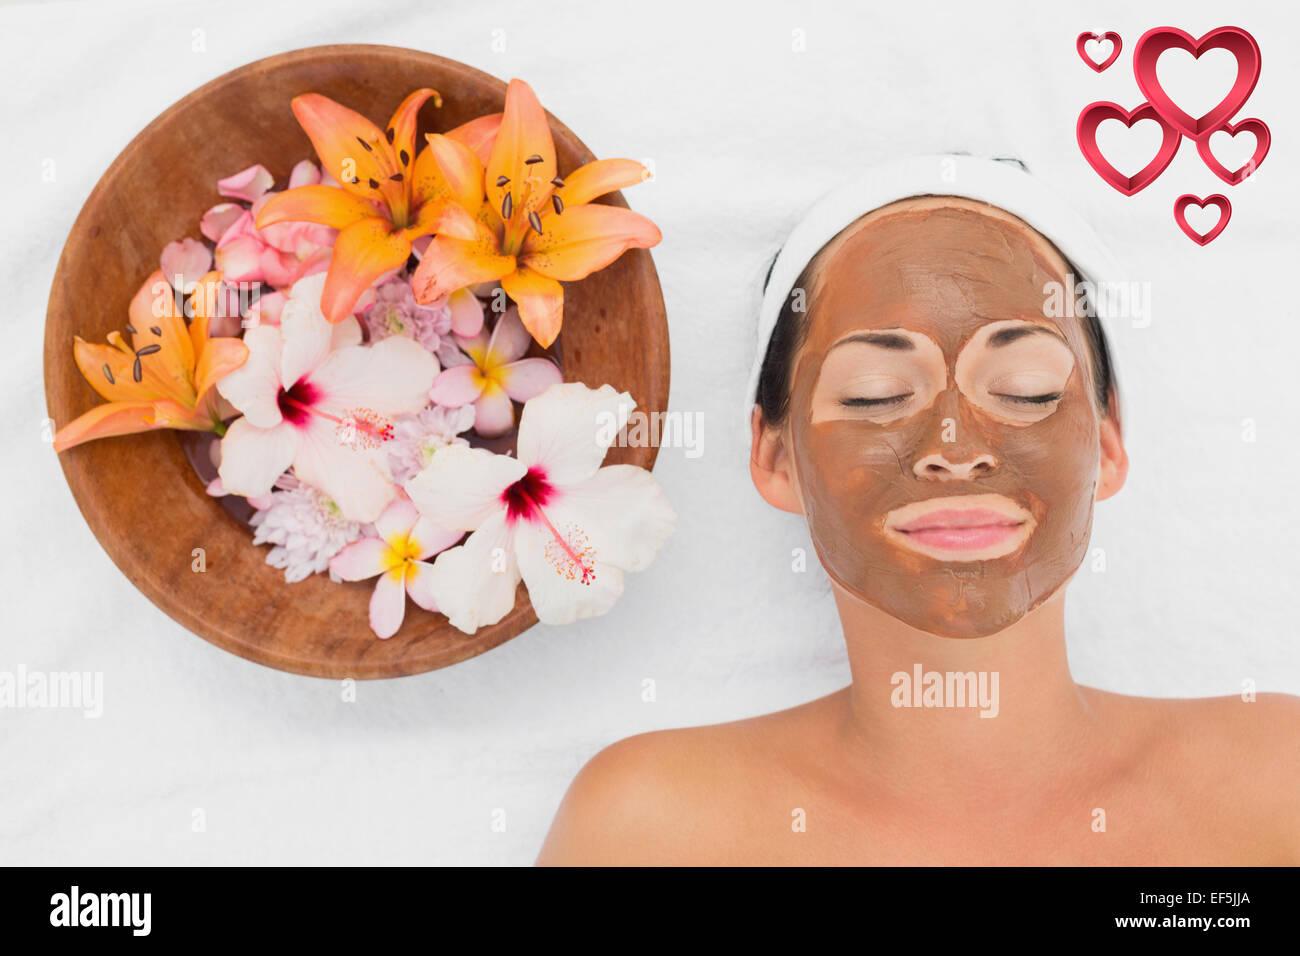 Zusammengesetztes Bild des lächelnden Brünette immer eine Schlammbehandlung Gesicht neben Schale mit Blumen Stockbild